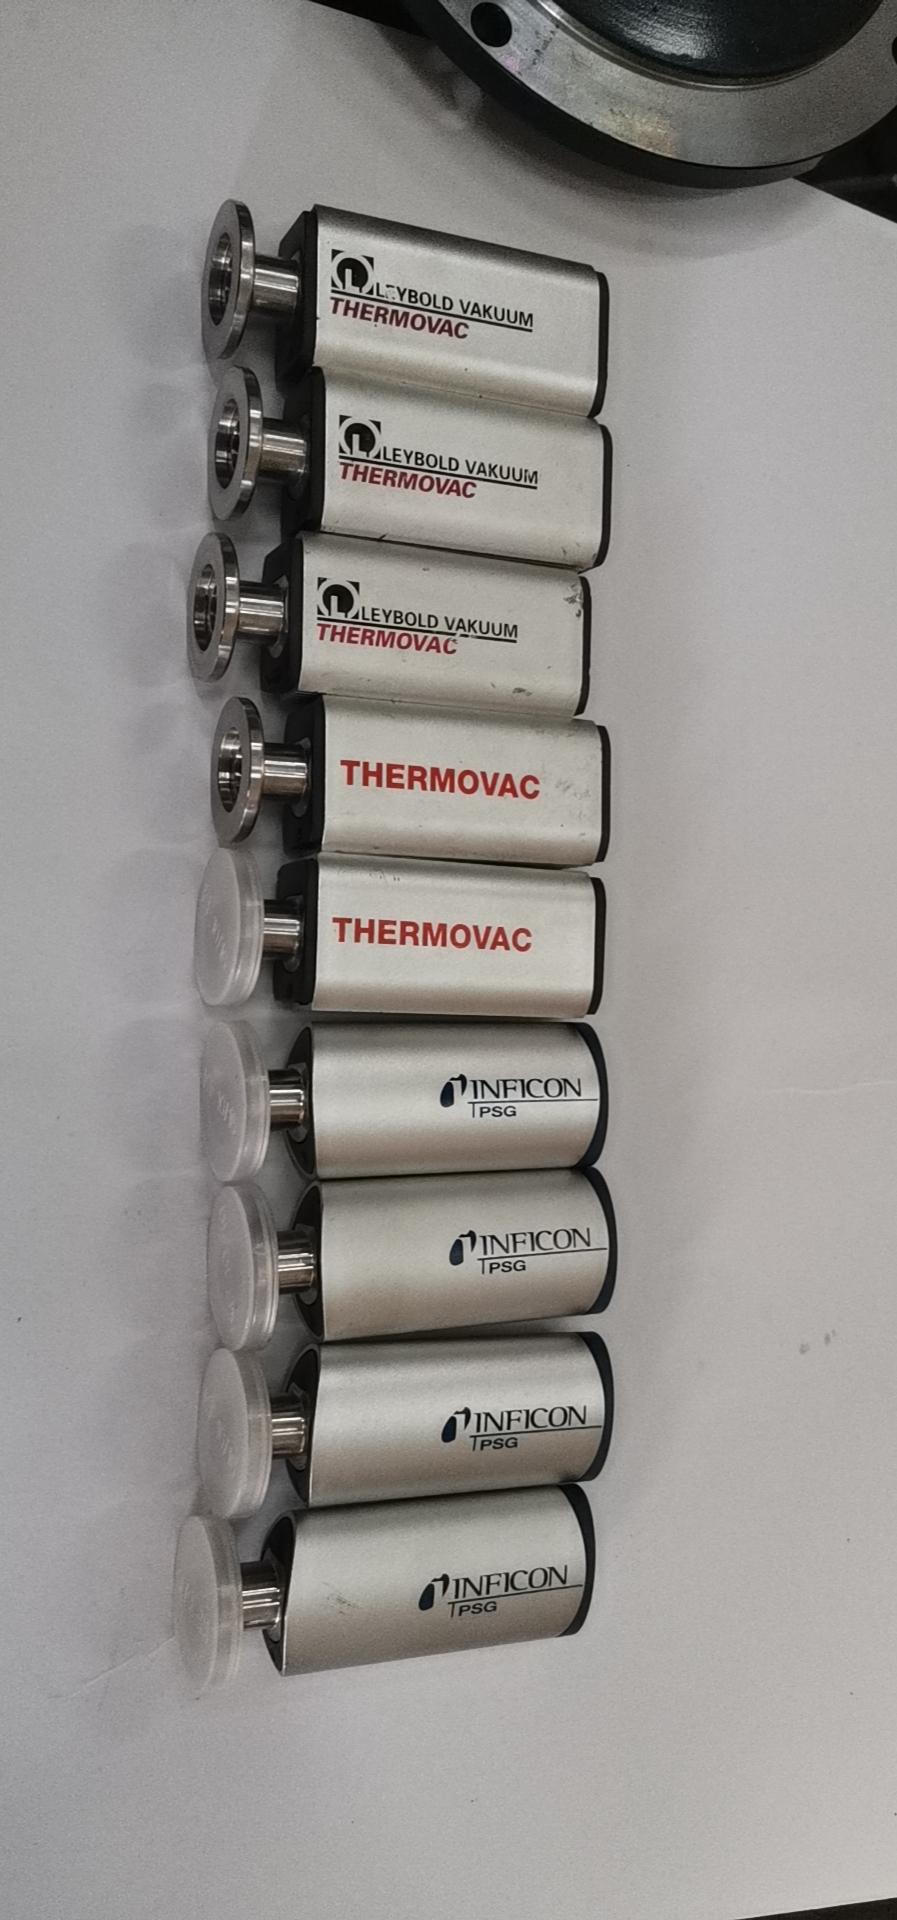 广州莱宝真空计TTR91厂家直销多少钱一件 德国品牌莱宝真空计大亚真空泵价格